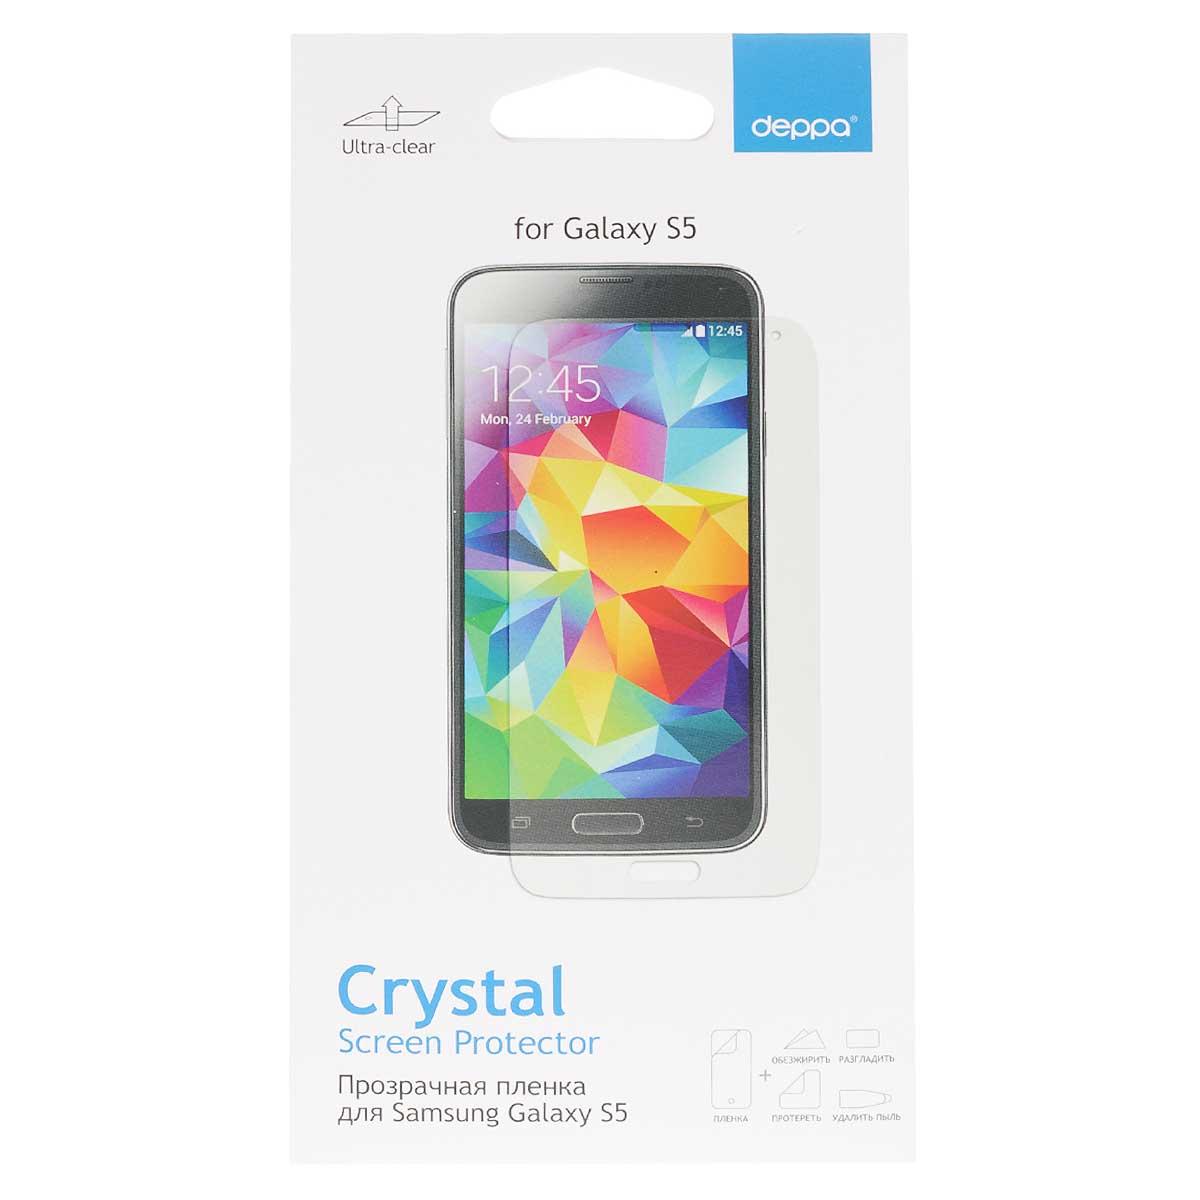 Deppa защитная пленка для Samsung Galaxy S5, прозрачная61311Прозрачная пленка Deppa защитит устройство от царапин. Пленка изготовлена из трехслойного японского материала PET.